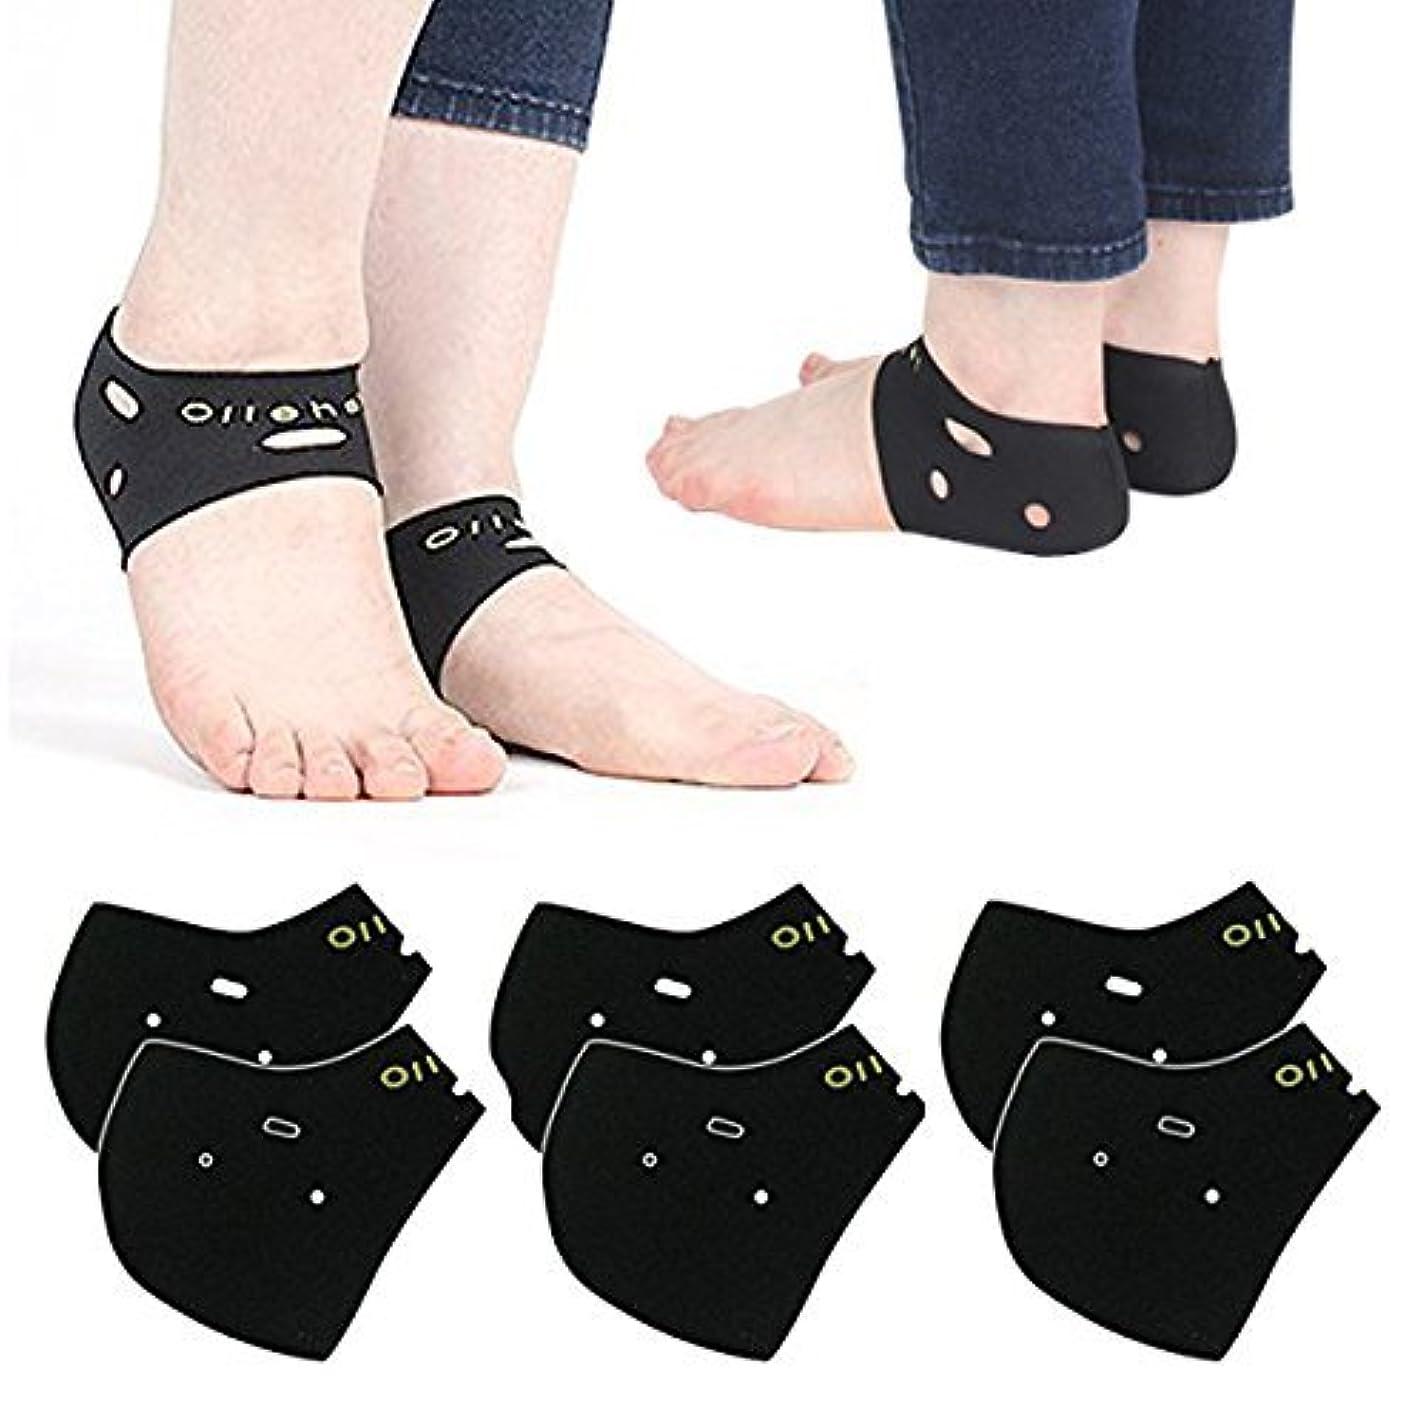 厳しいワードローブ加速度かかとケア 靴下 3足 1セット ソックス かかとサポーター 角質ケア 保温 保湿 防寒靴下 発熱ソックス 冷え取り 両足 フリーサイズ かかと ケア